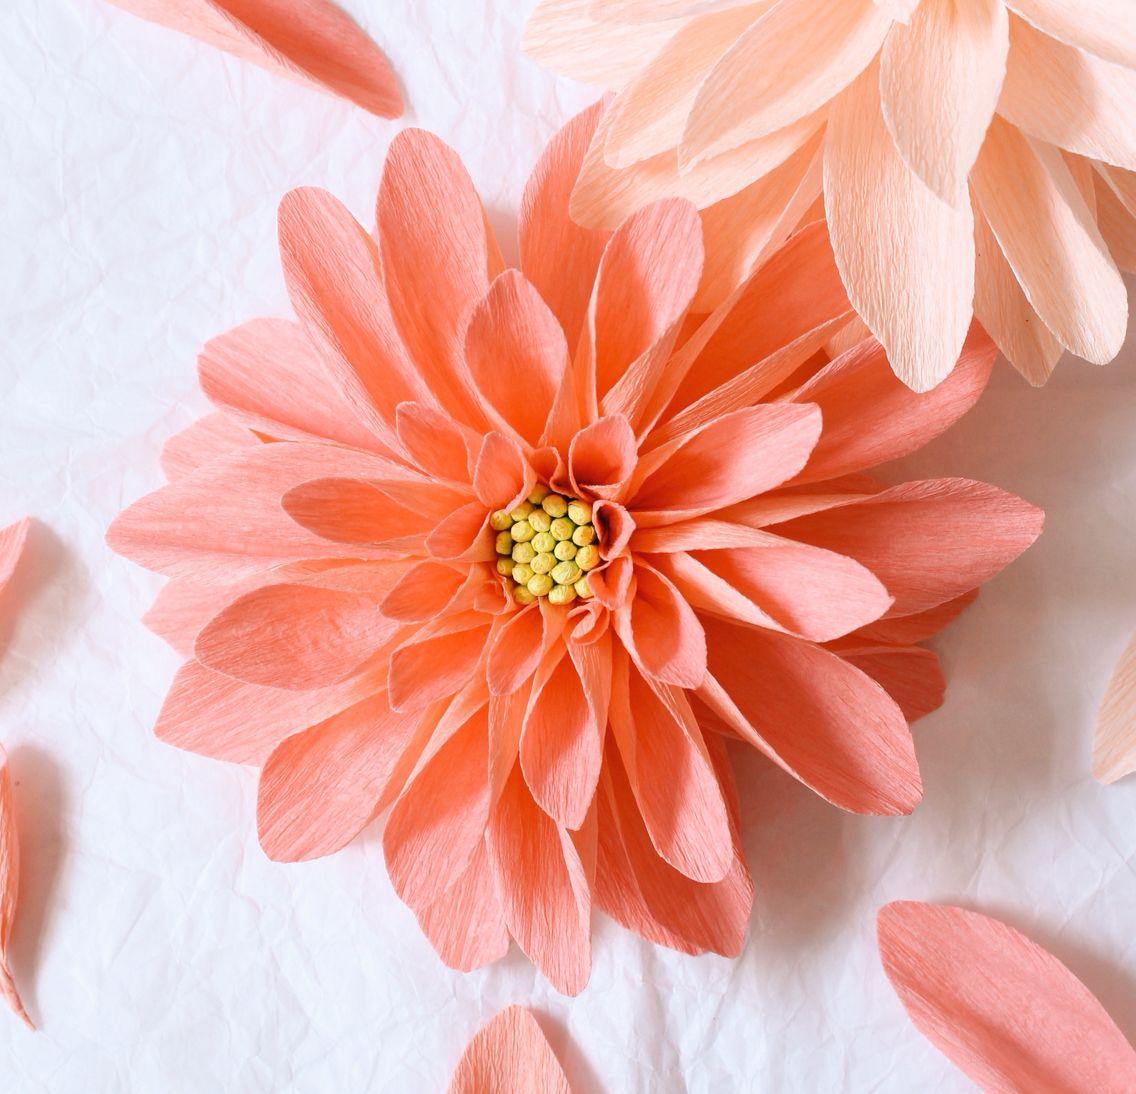 paper dahlia by a petal unfolds more